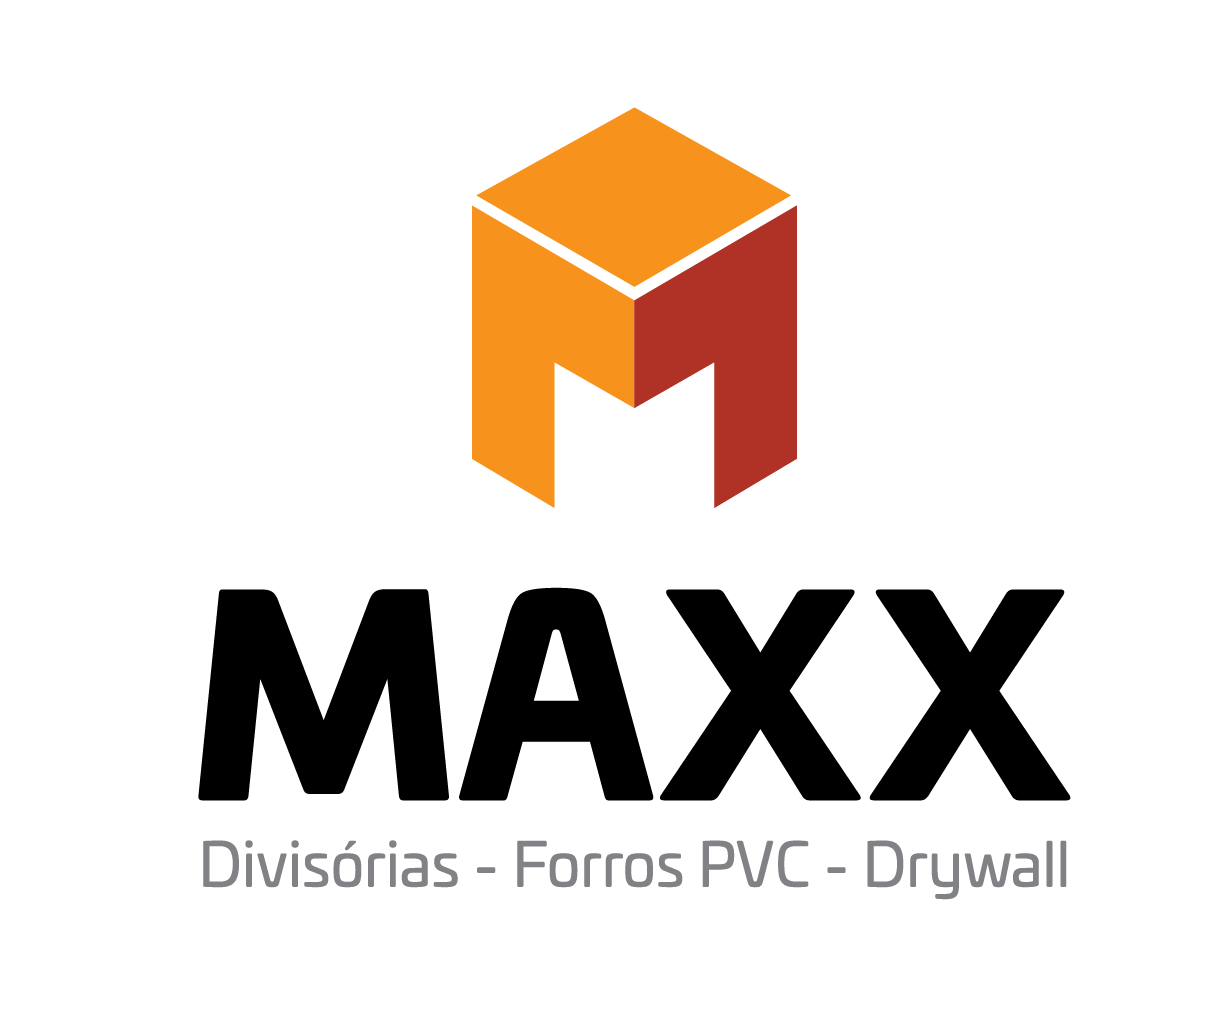 Onde Comprar Forro de Pvc Decorado Serra da Cantareira - Forro de Pvc Branco - Maxx Forro